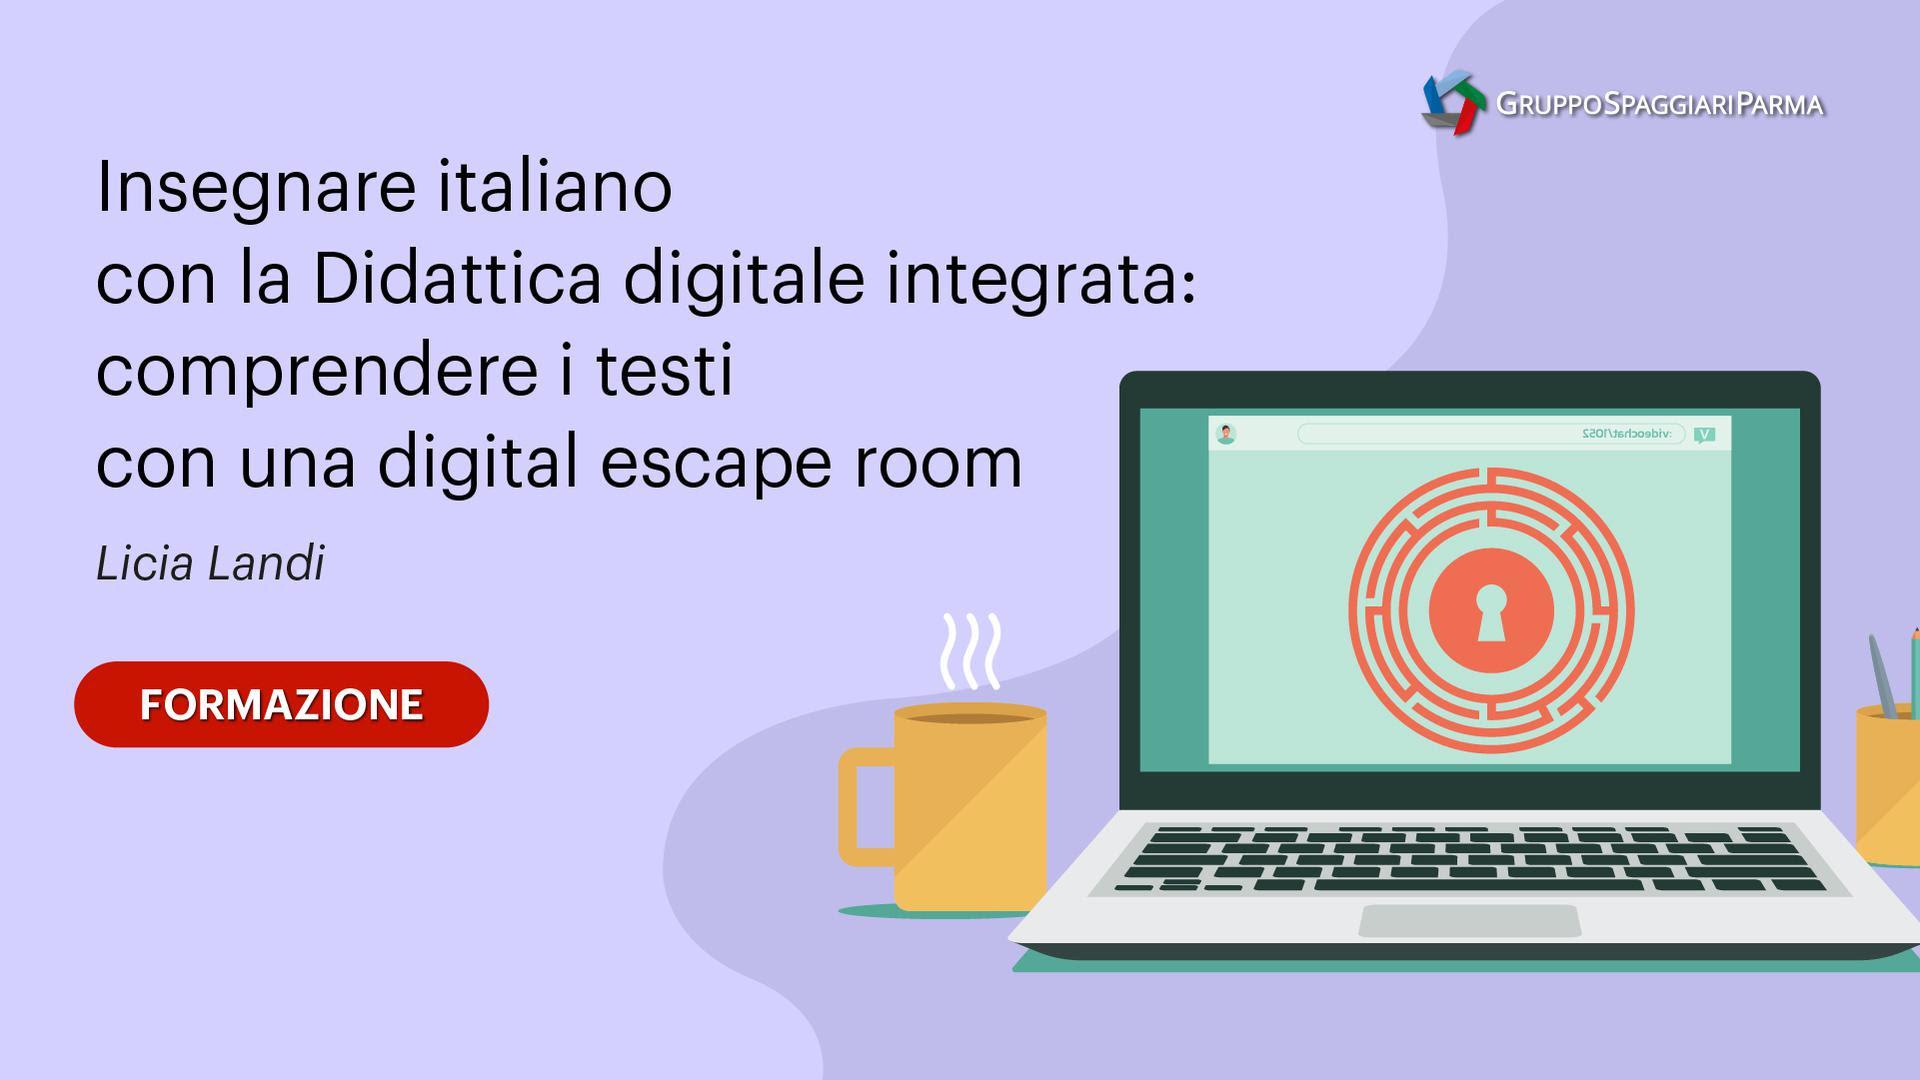 Insegnare italiano con la Didattica digitale integrata: comprendere i testi con una digital escape room